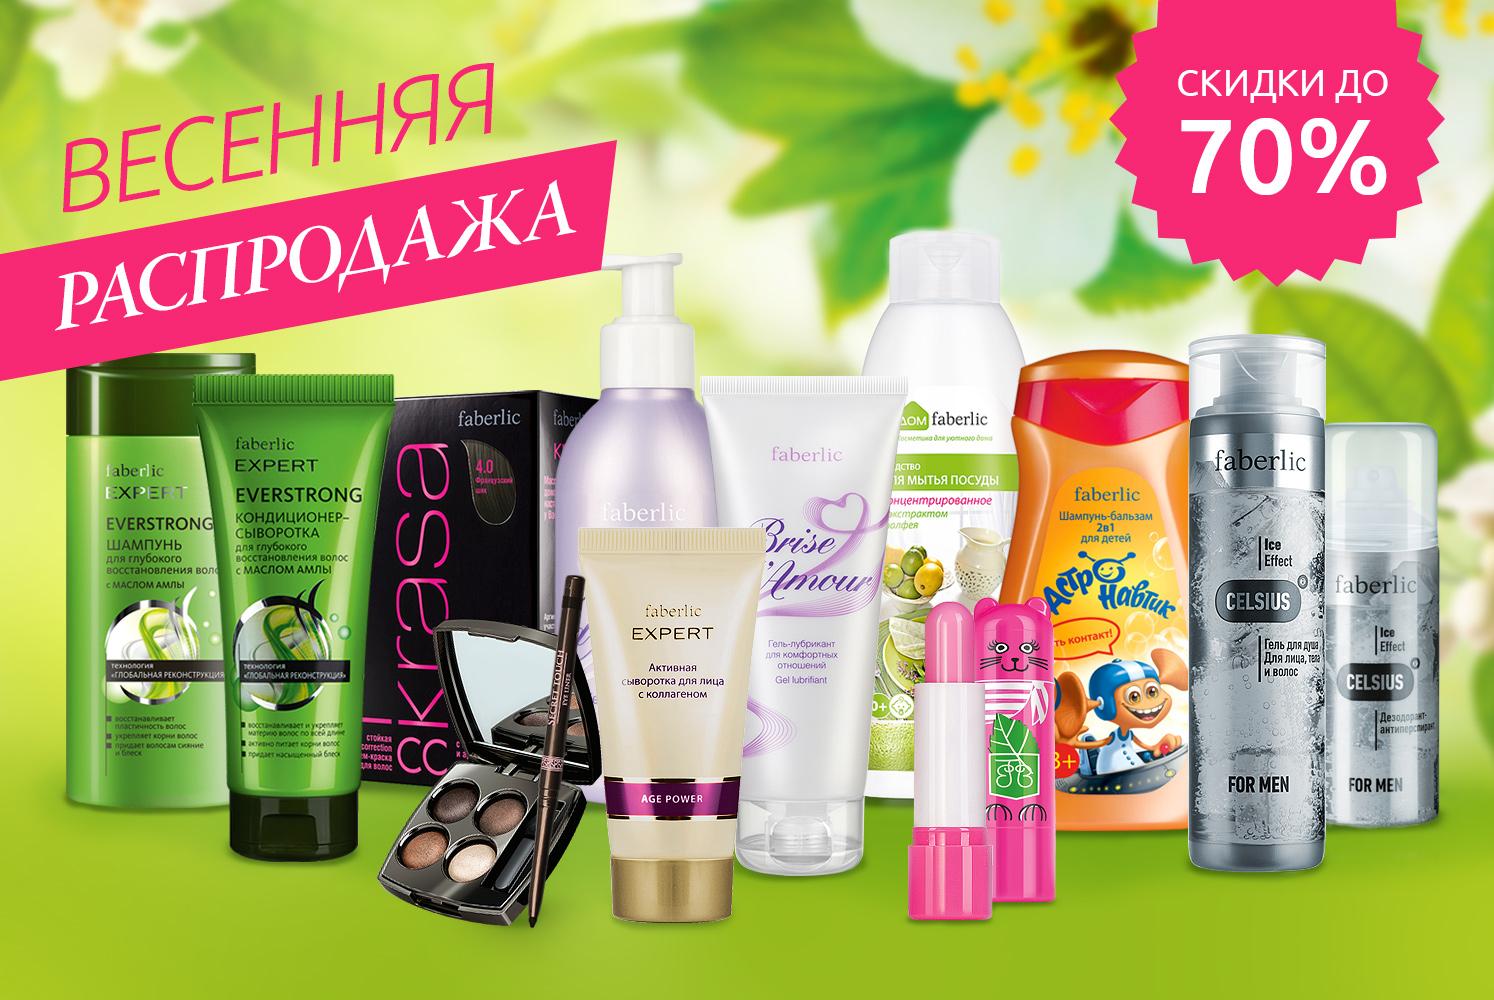 Купить косметику фаберлик в беларуси купить баночки для косметики россия